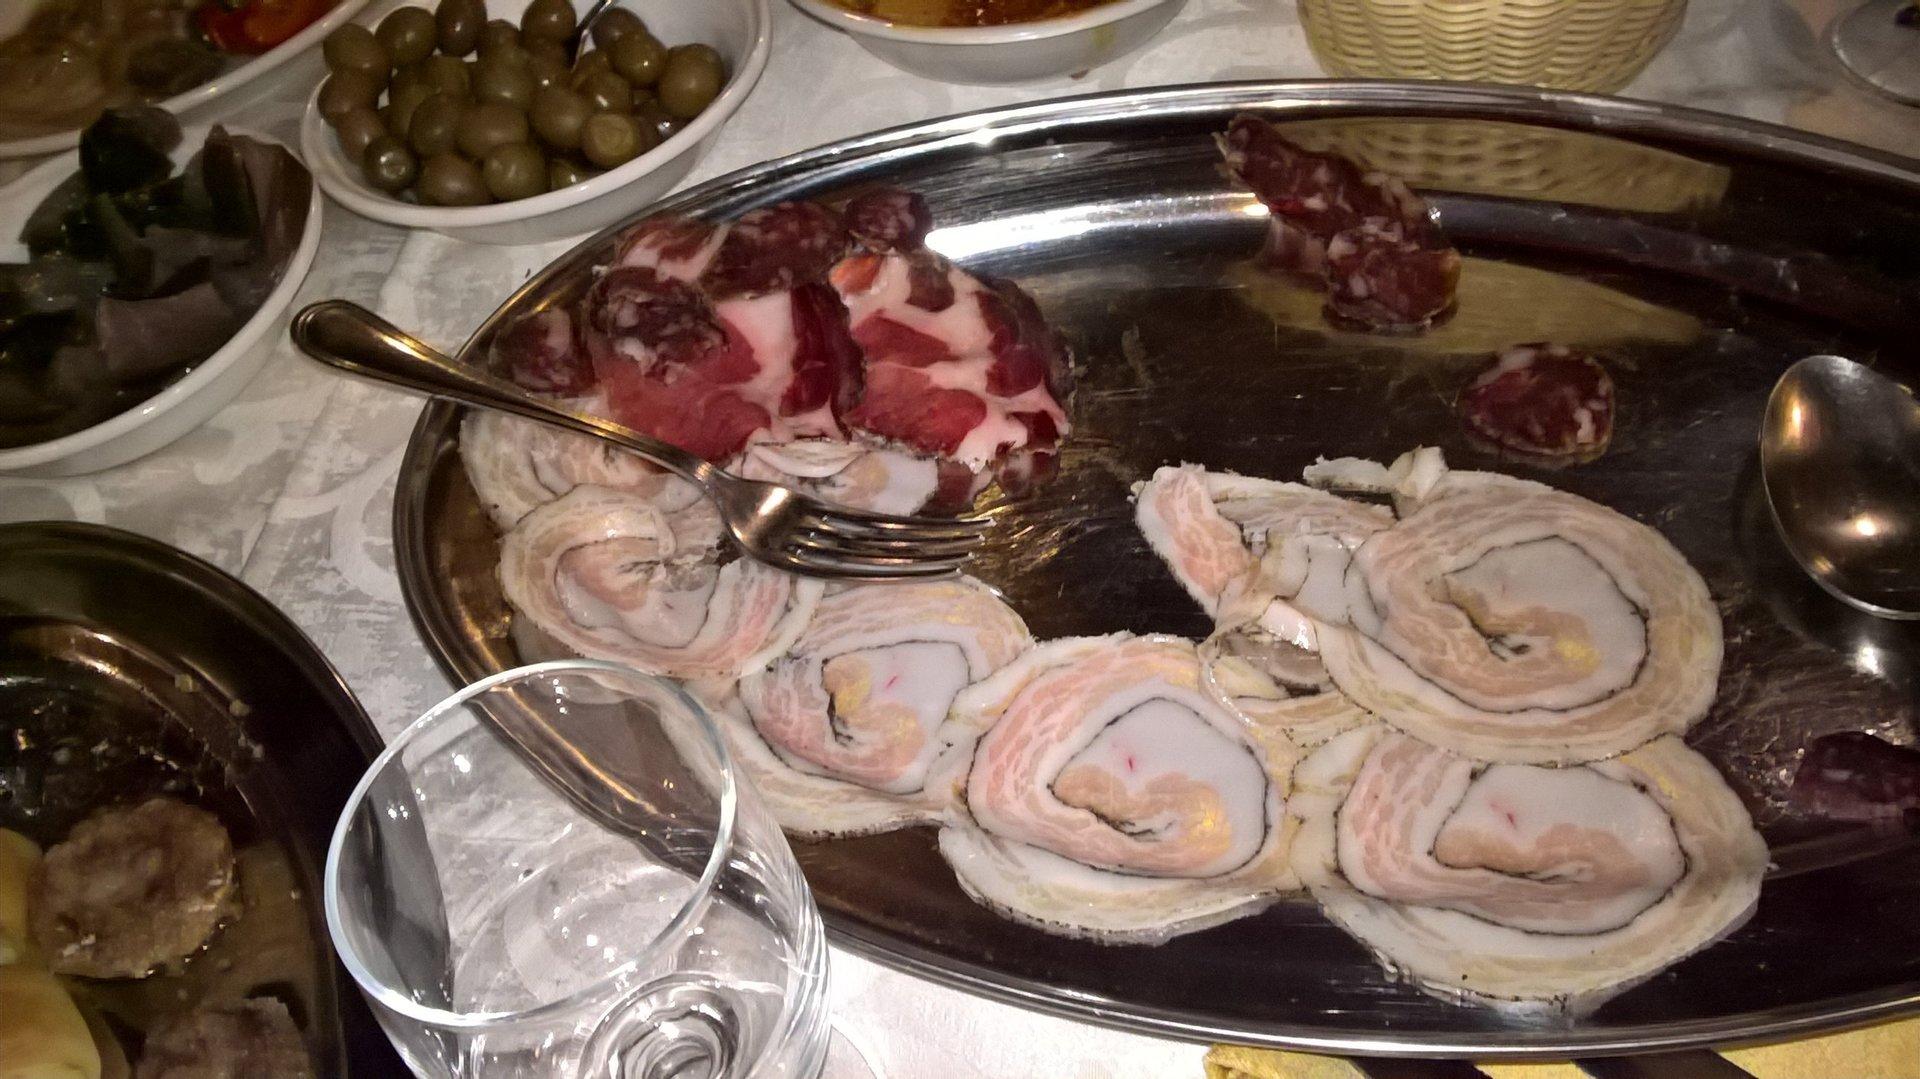 un vassoio con dei salumi e accanto una ciotola di olive